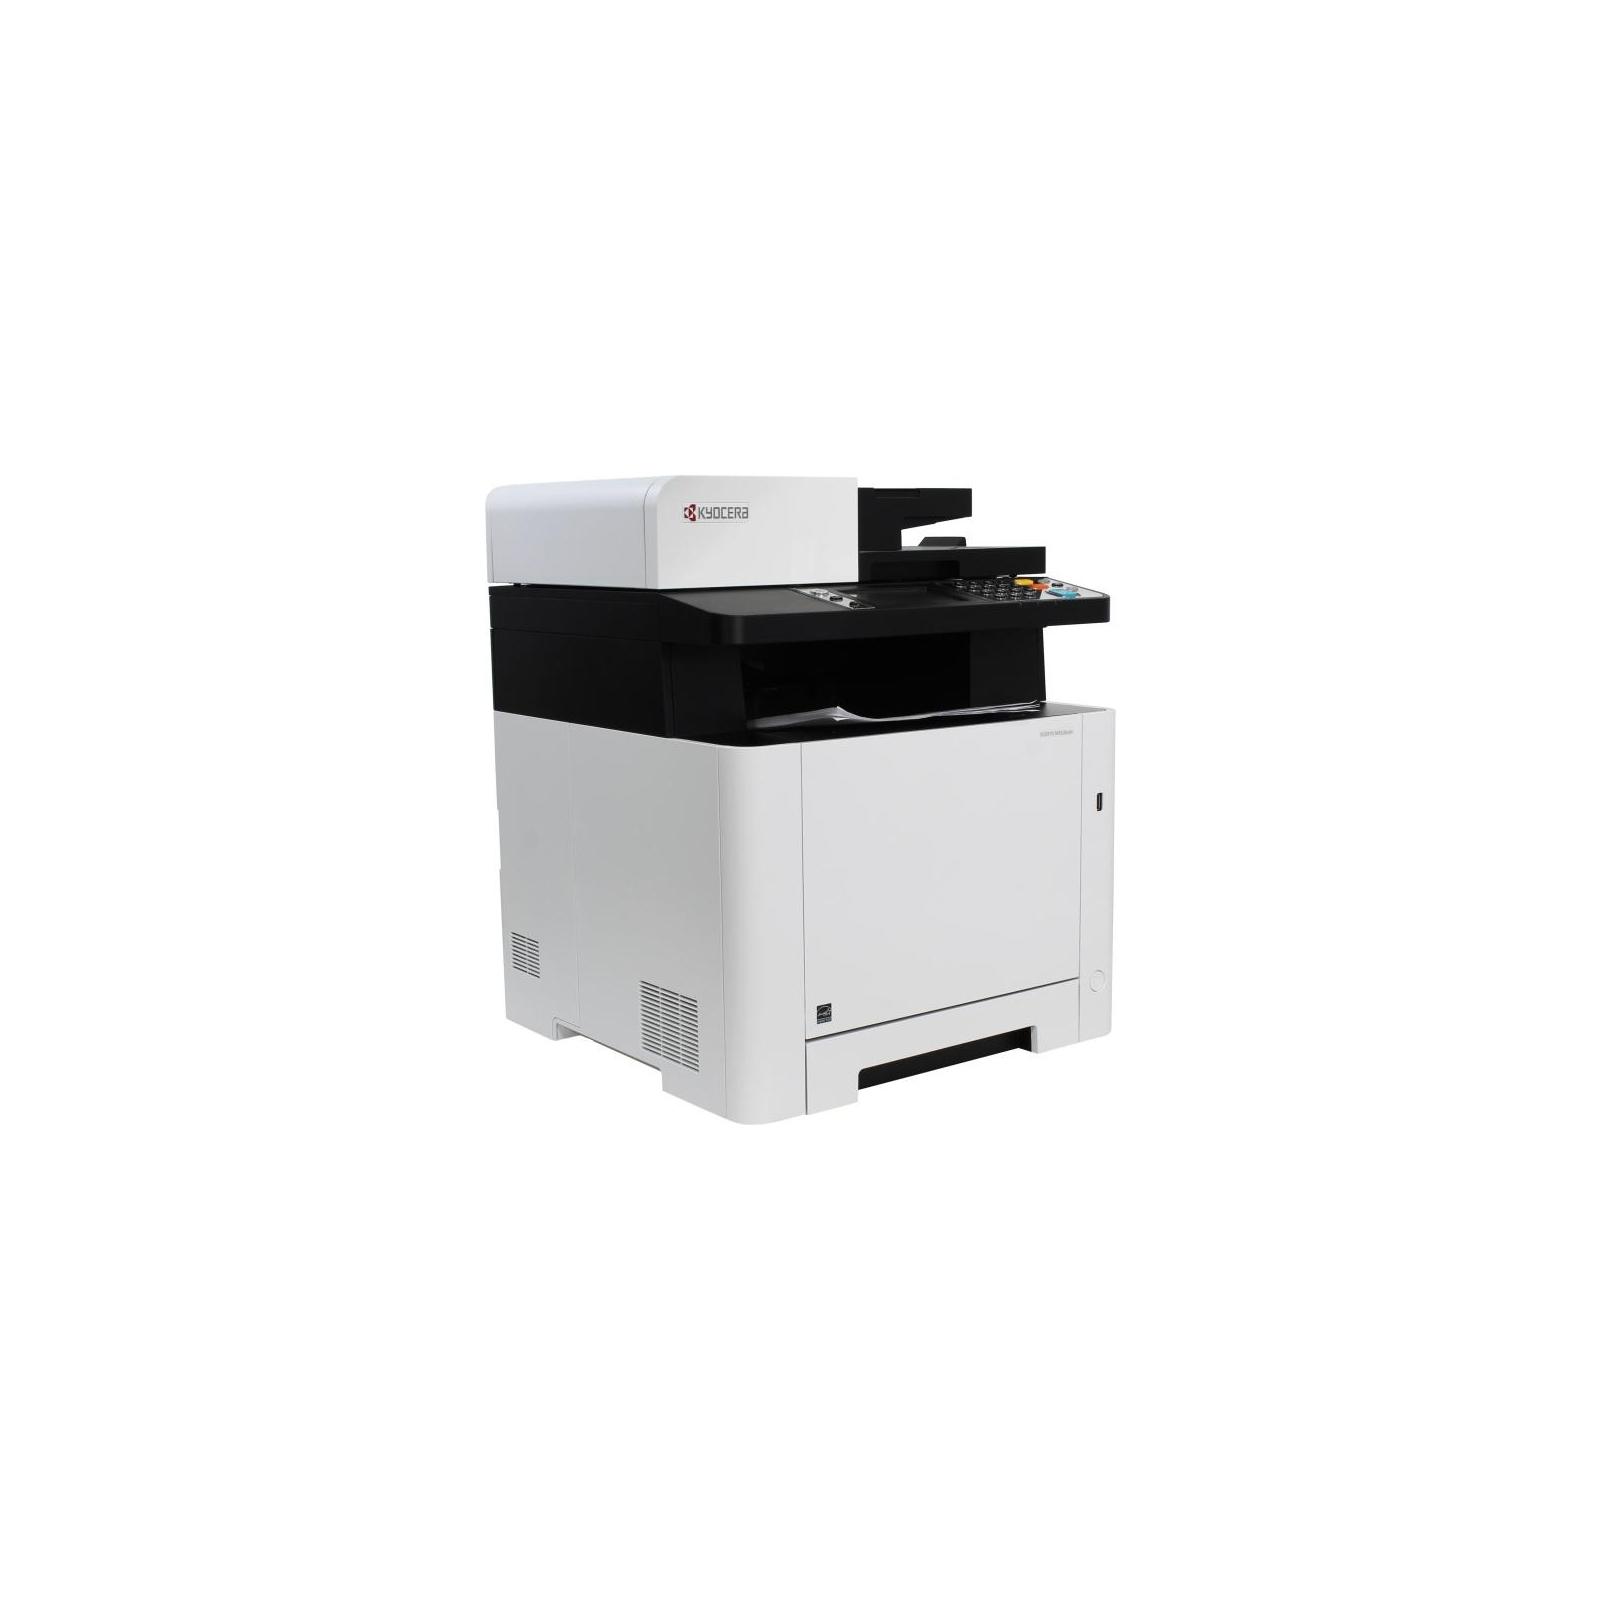 Многофункциональное устройство Kyocera Ecosys M5526cdn (1102R83NL0) изображение 3